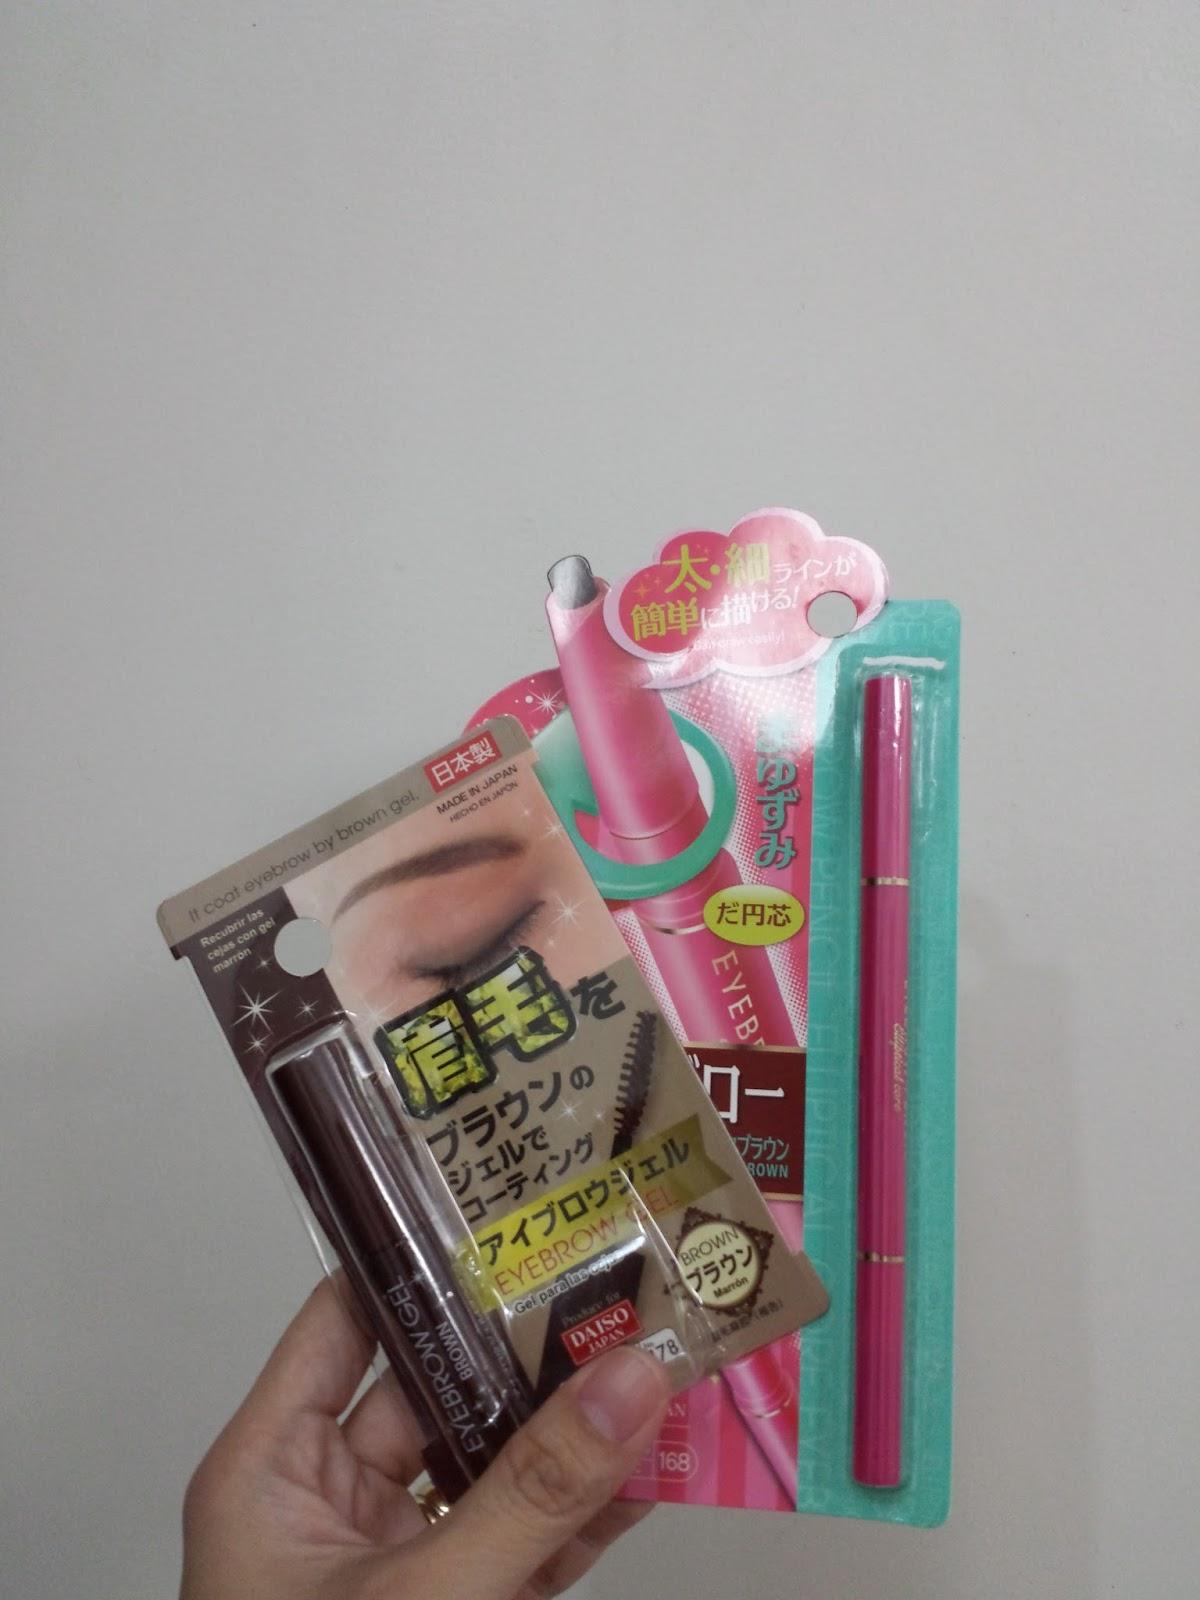 Mommy A Etude House Vs Daiso Eyebrow Pencil And Brow Gel